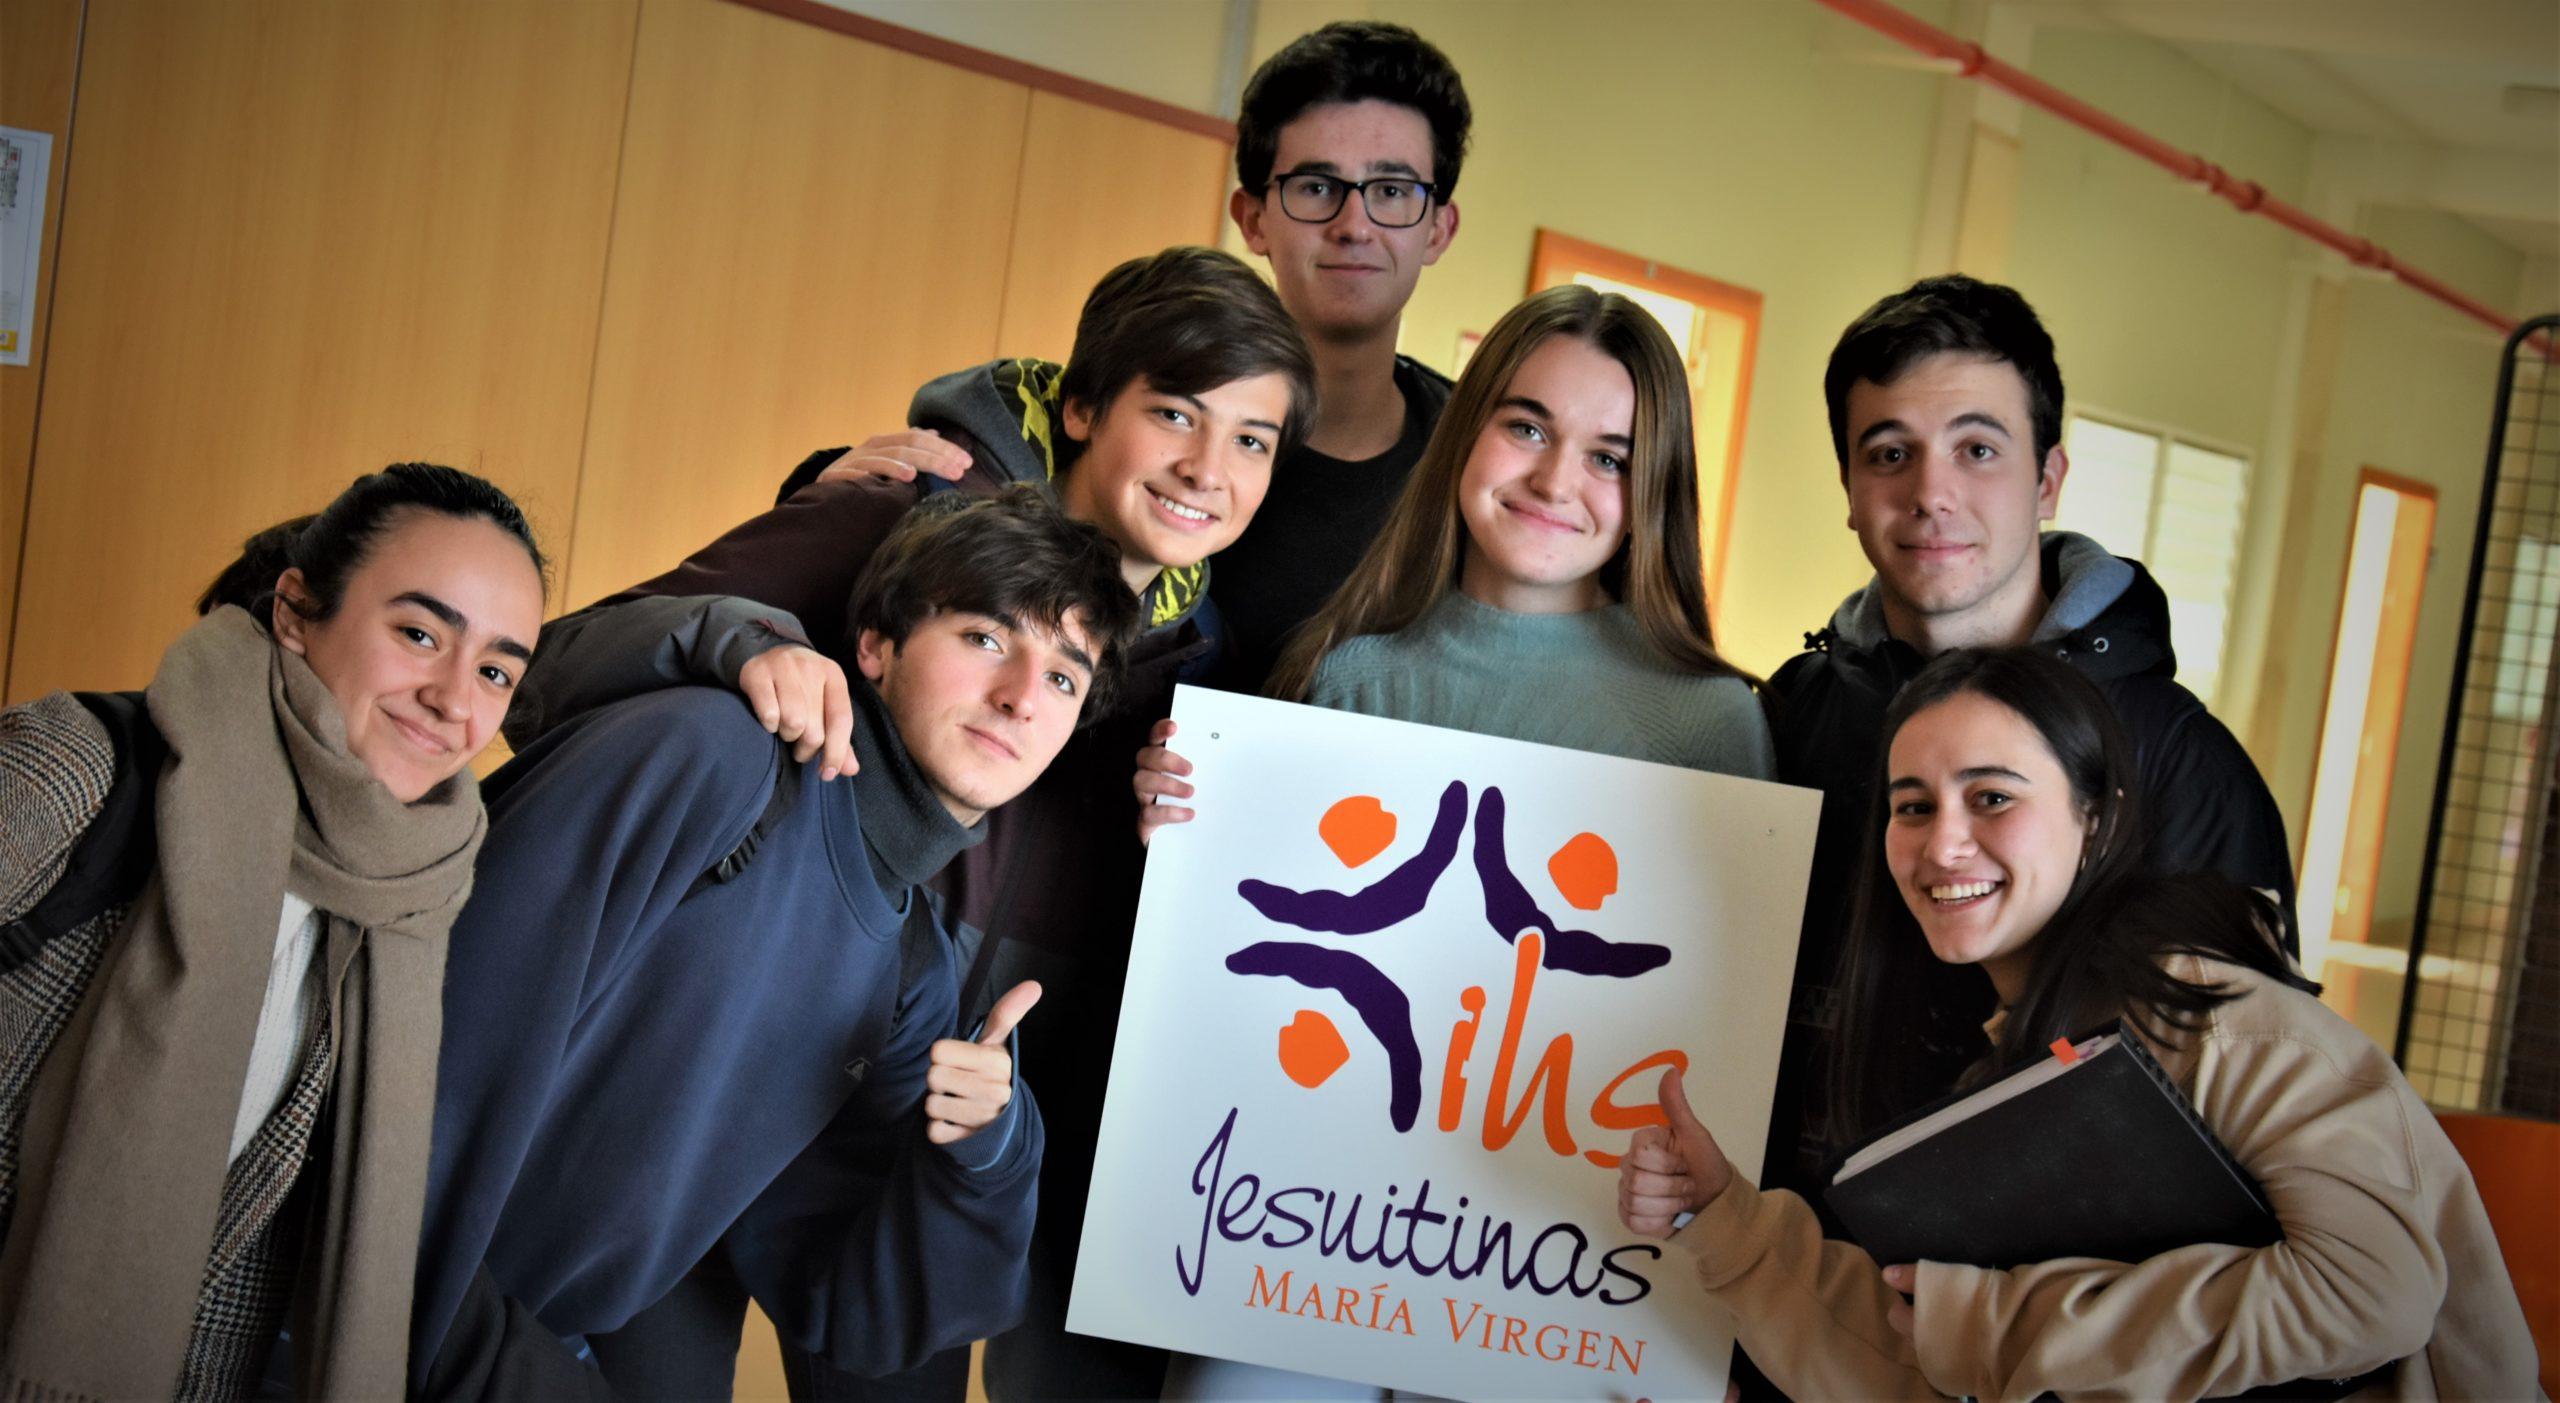 antiguos alumnos colegio maria virgen jesuitinas biligüe chamartin madrid concertado